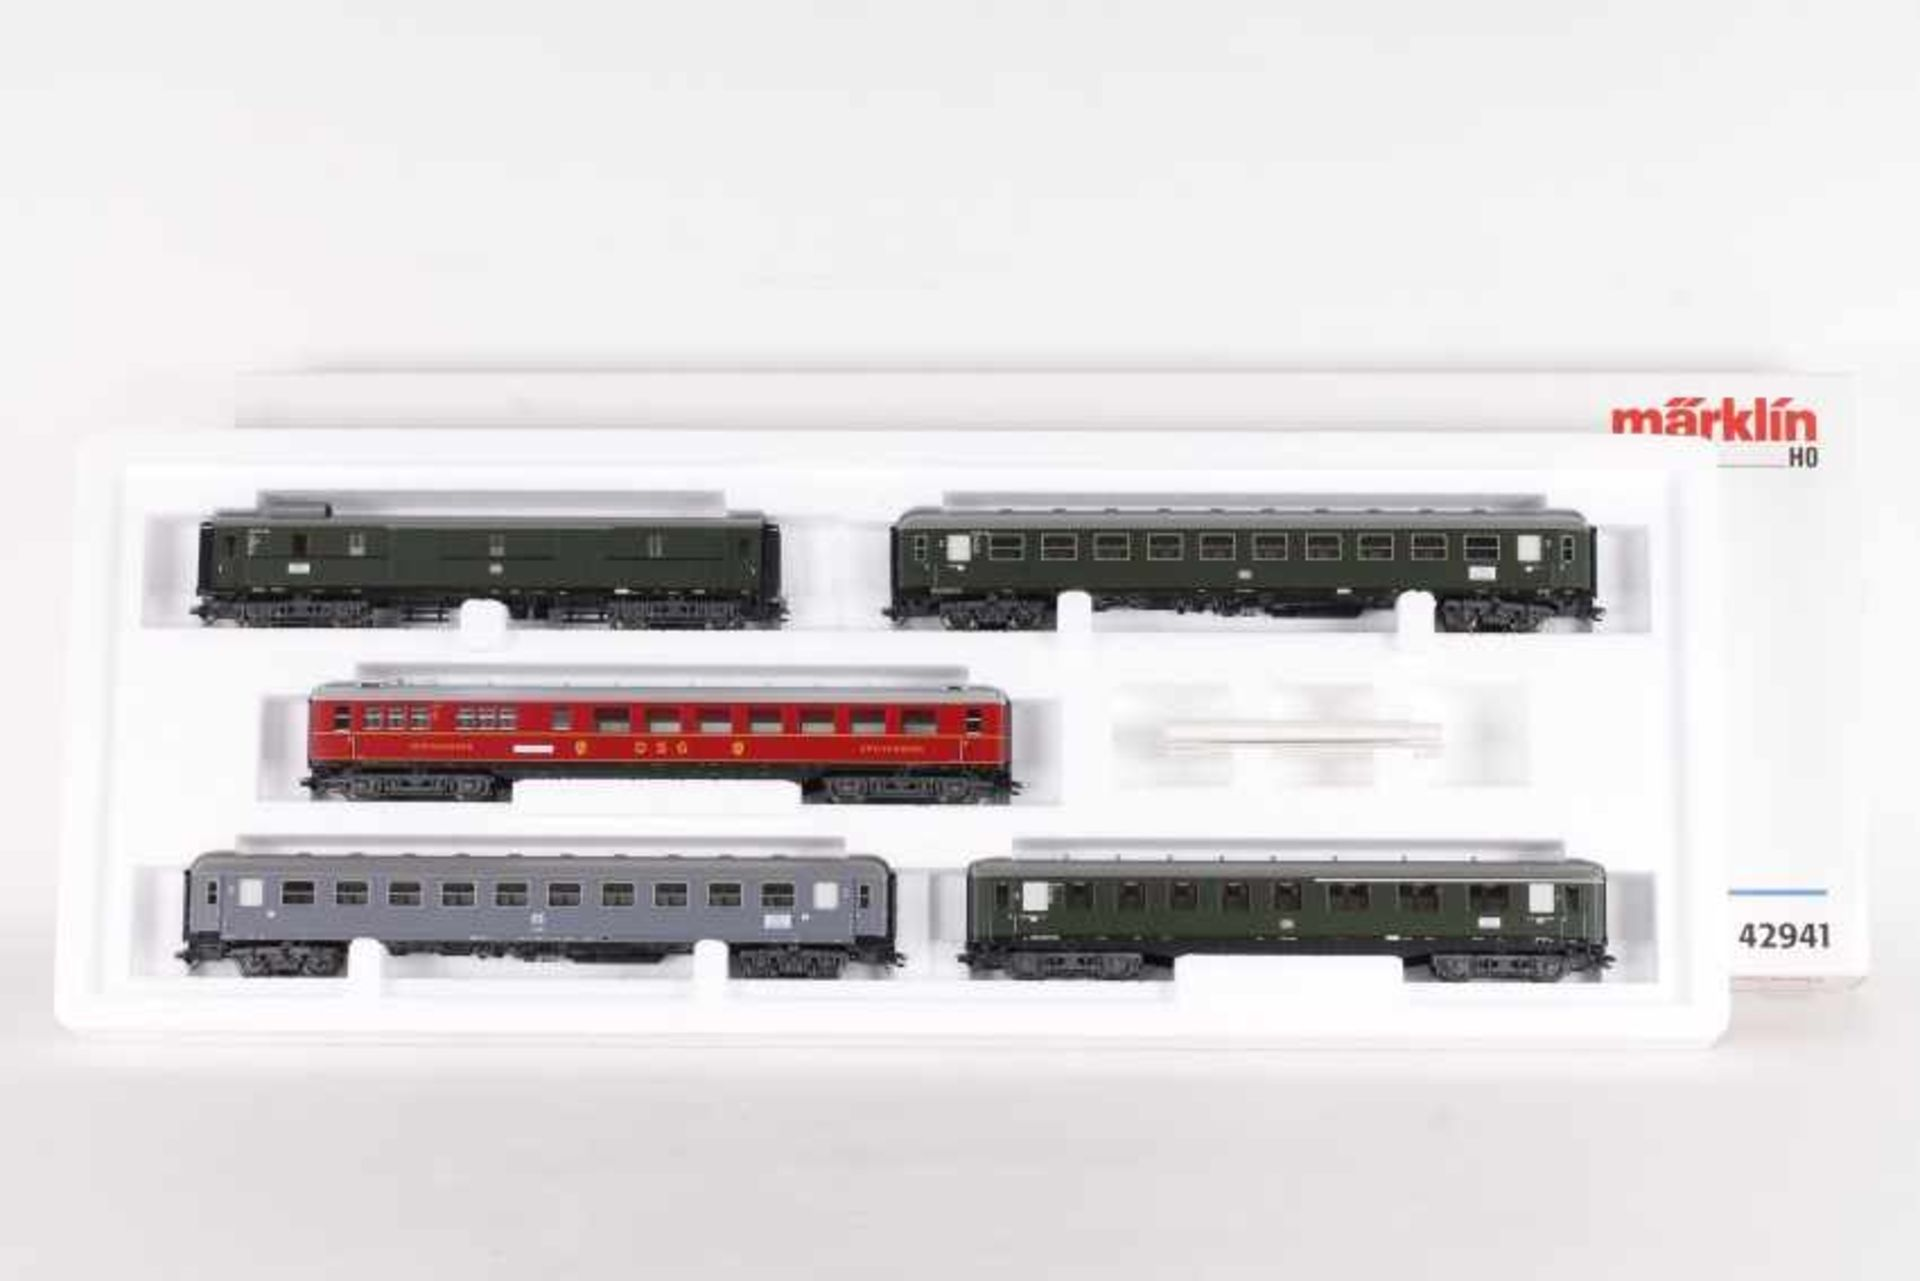 """Los 1002 - Märklin 42941, Wagen-Set """"Riviear Express""""Märklin 42941, Wagen-Set """"Riviera Express"""", fünf"""